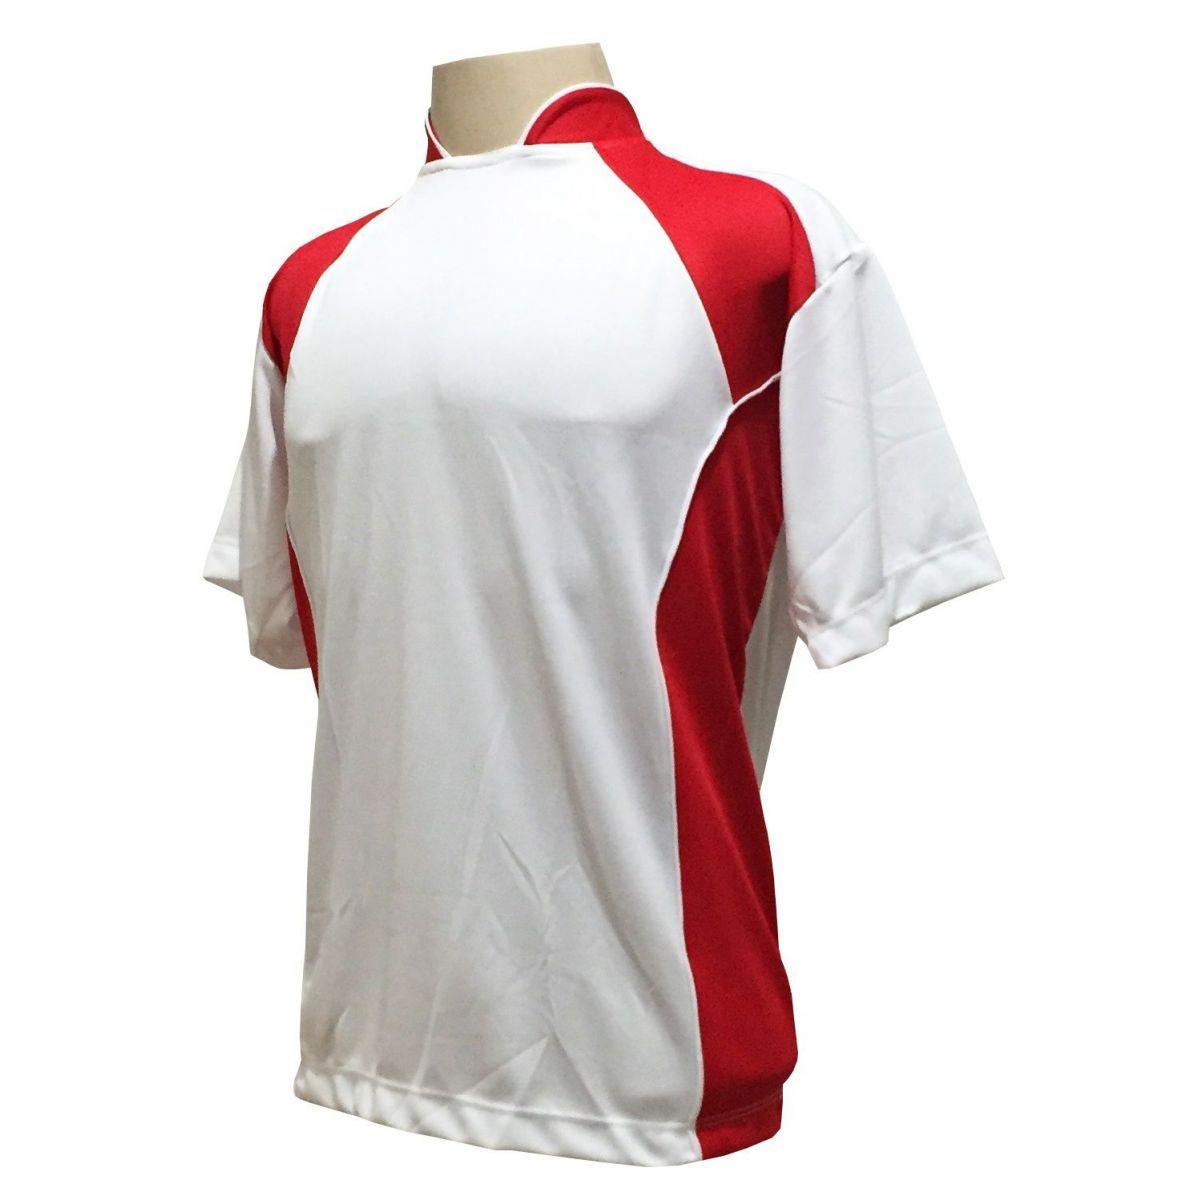 Jogo de Camisa com 14 unidades modelo Suécia Branco/Vermelho + 1 Camisa de Goleiro